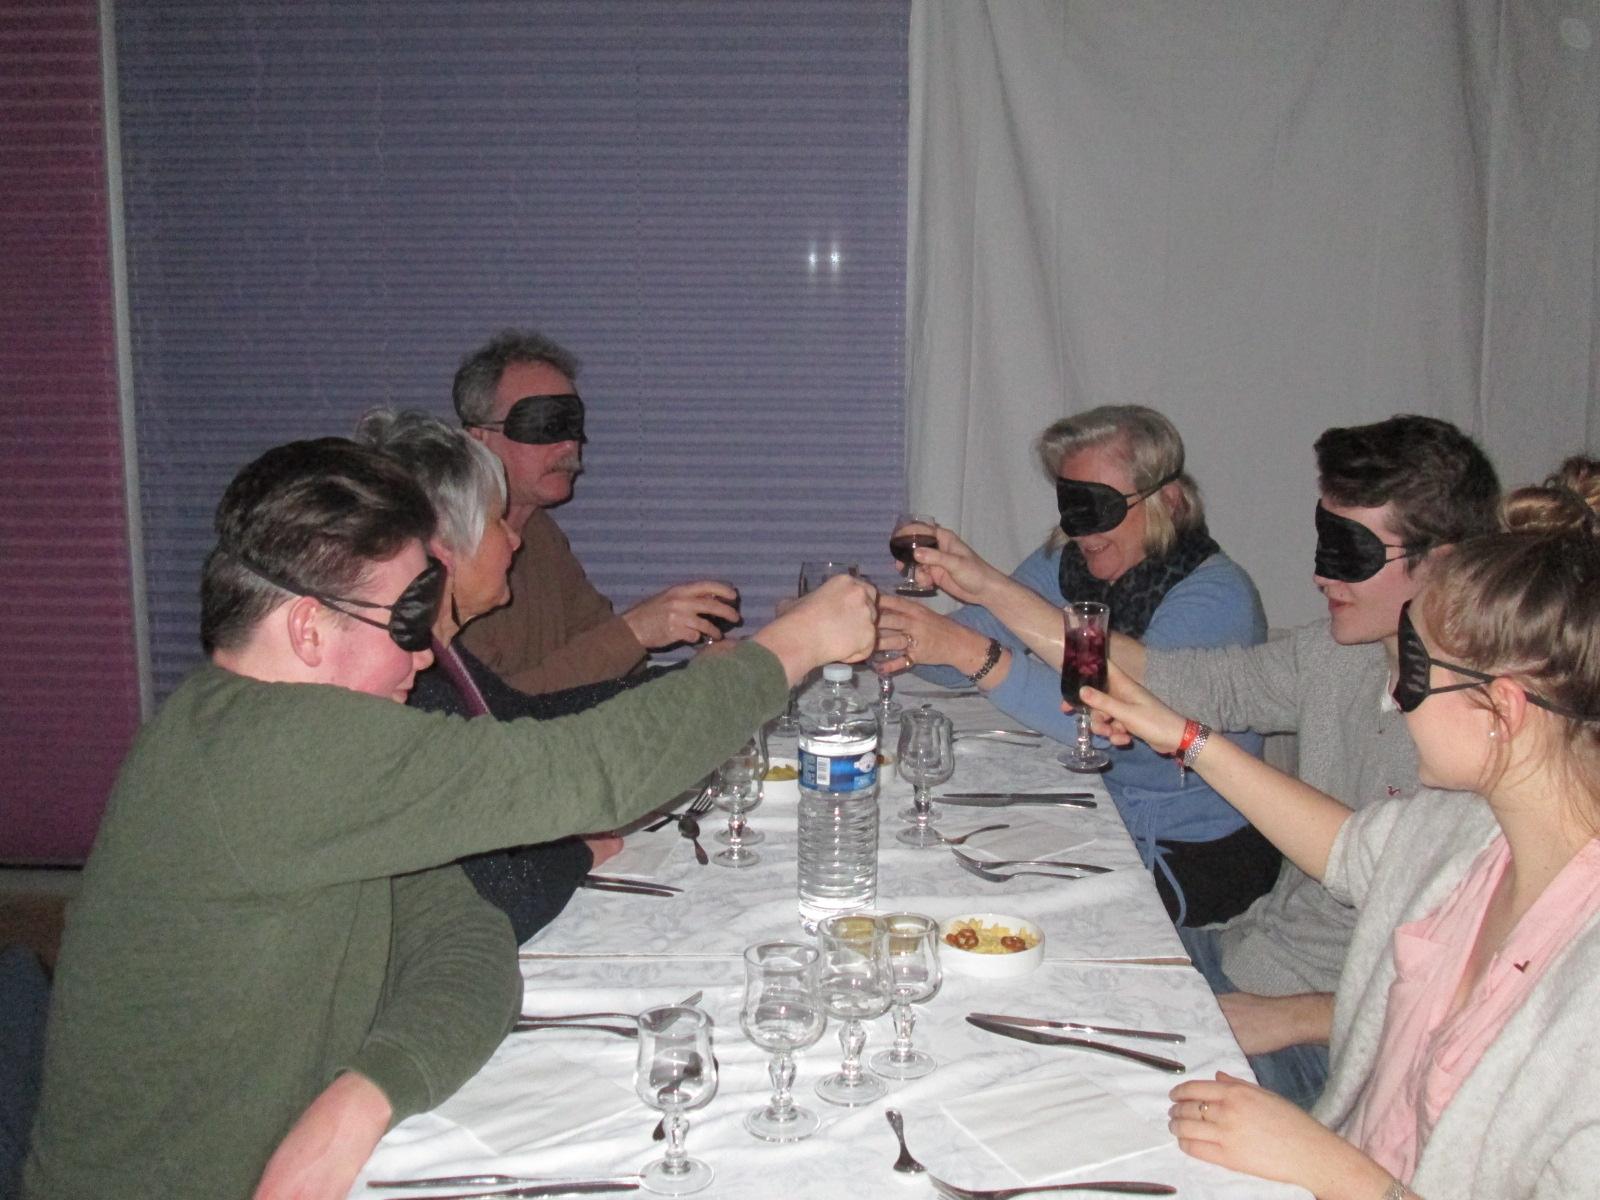 Se mettre dans la peau d'une personne aveugle le temps d'un diner